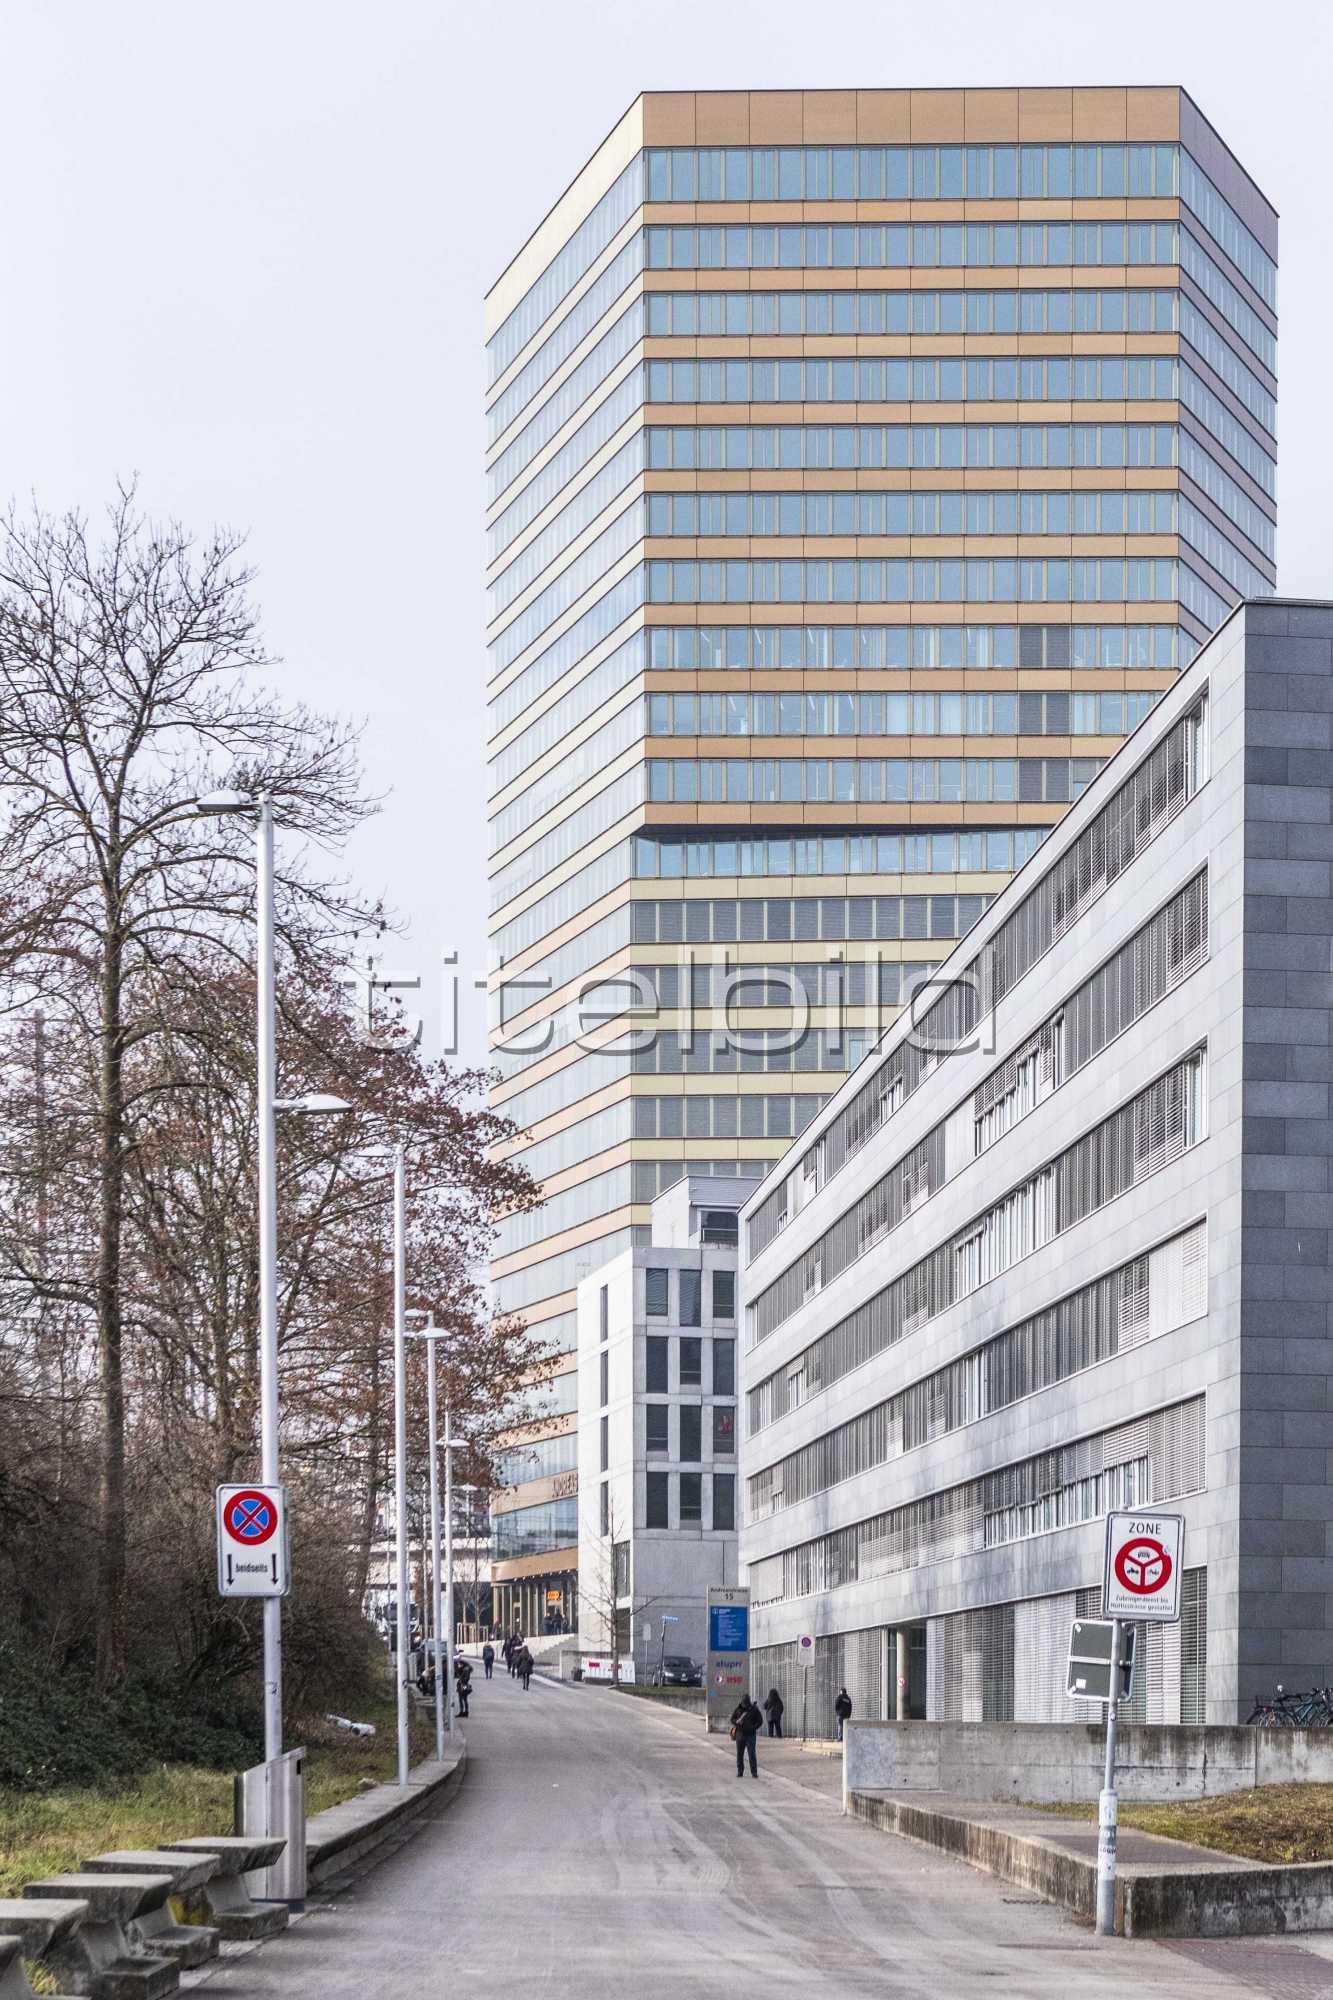 Projektbild-Nr. 3: Andreasturm